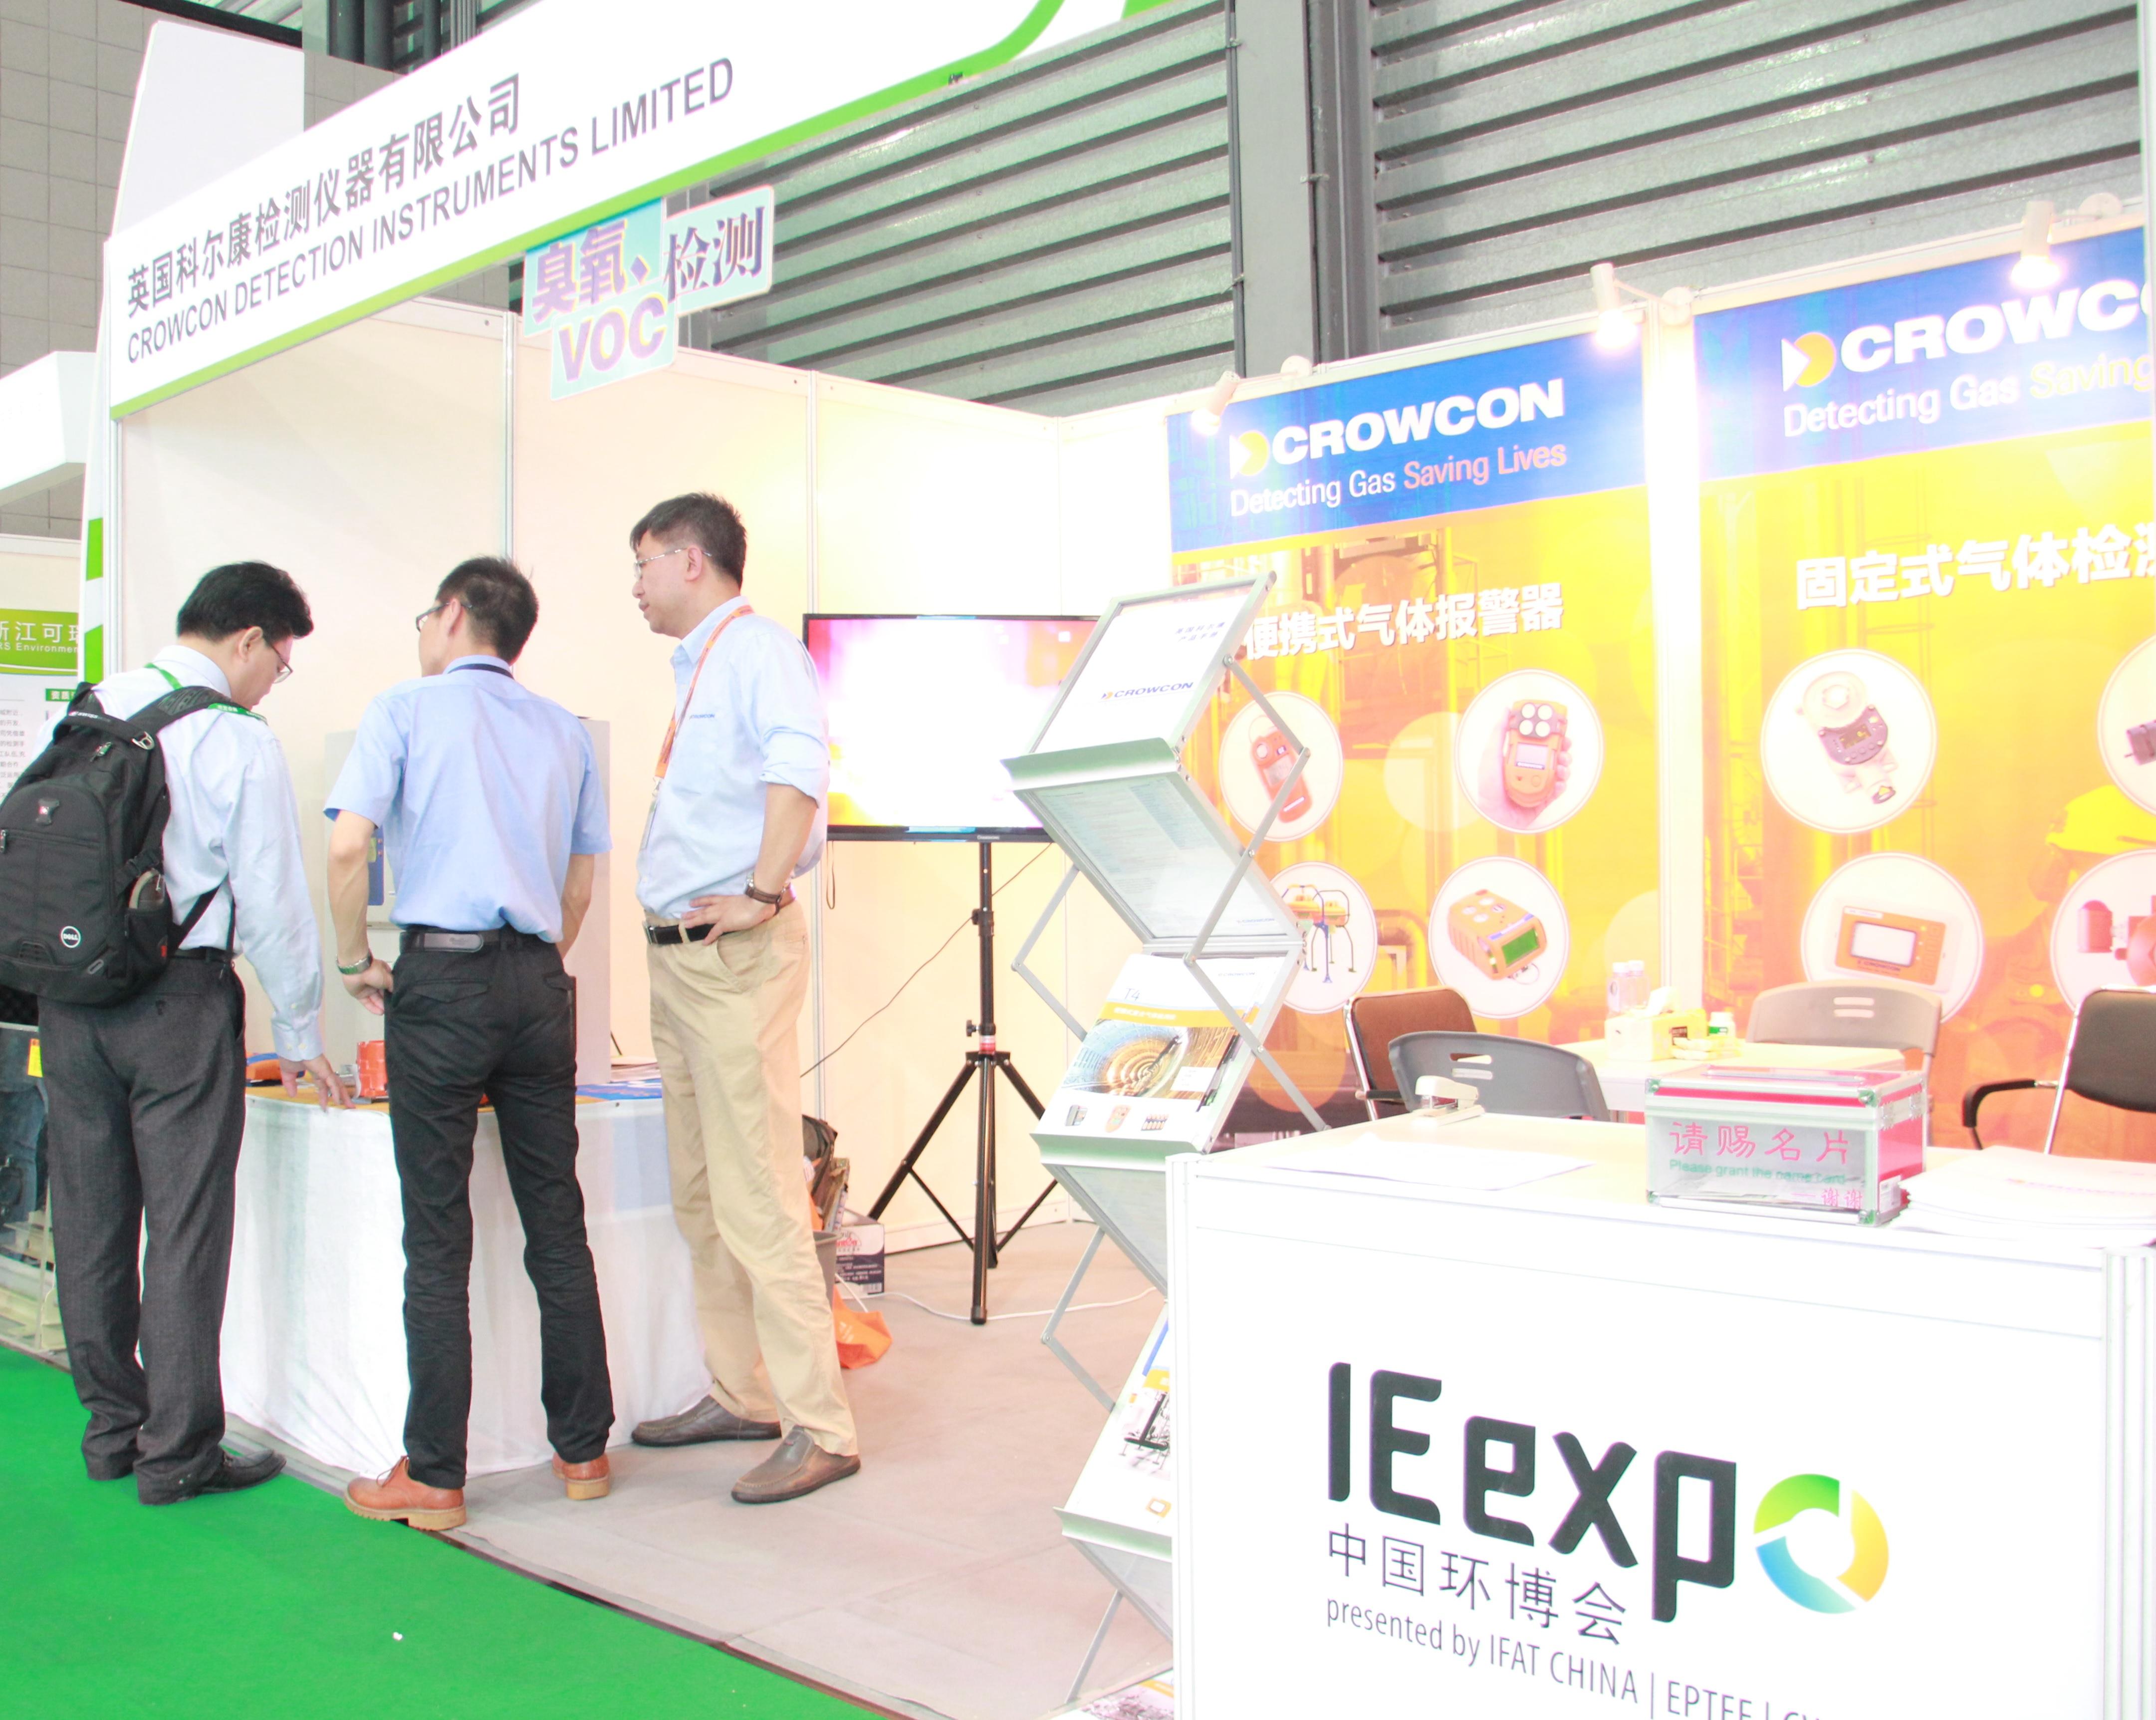 科尔康臭氧、VOC监测方案在中国环博会